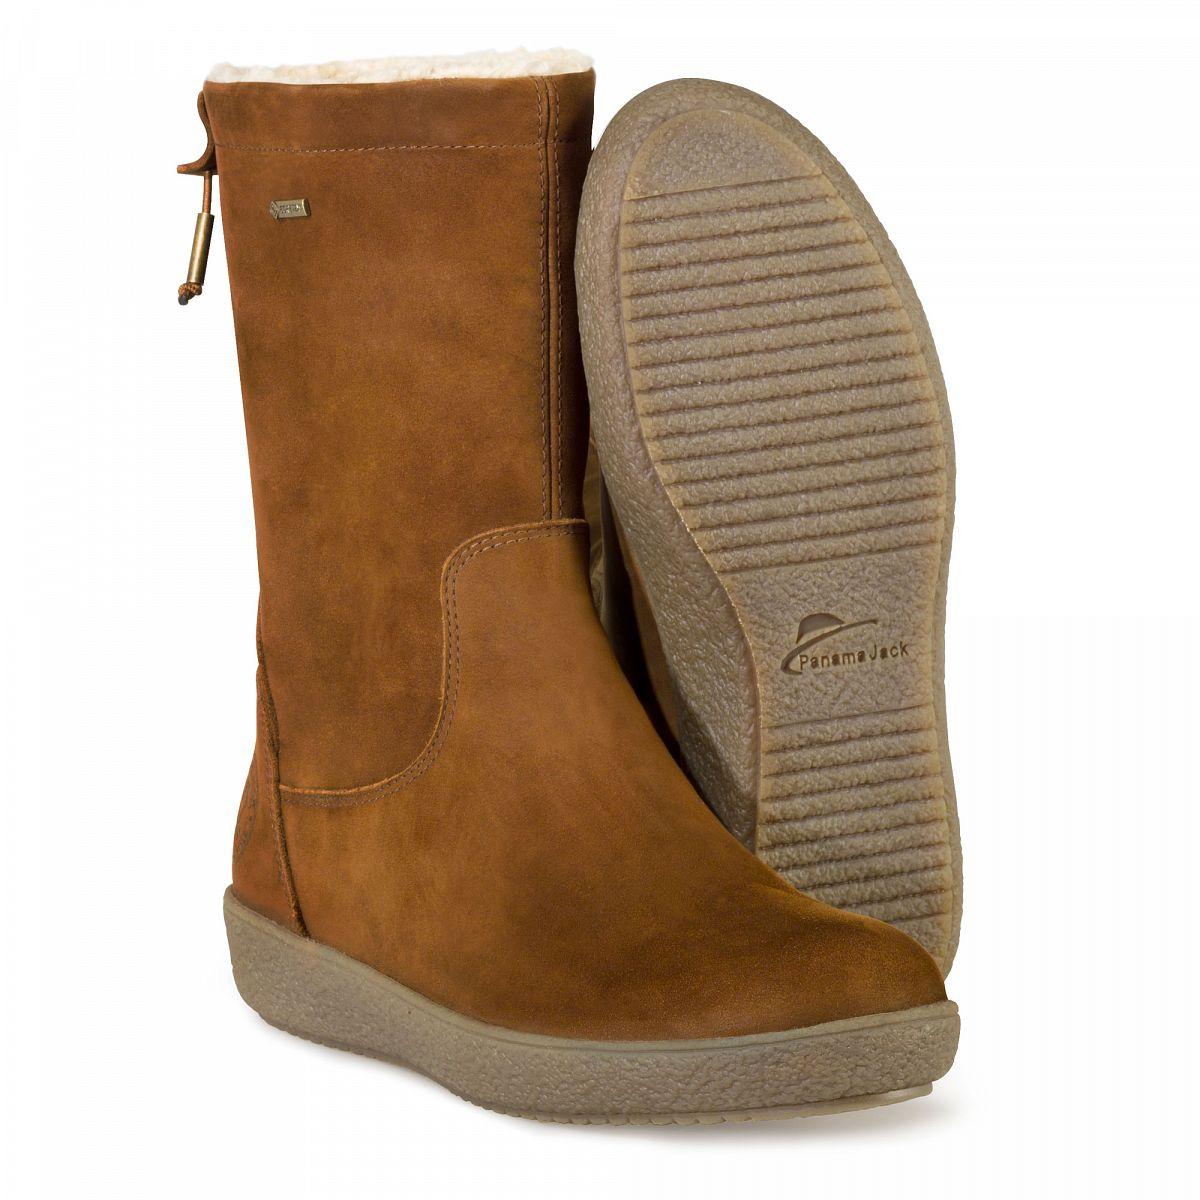 93673b8c5 botas goretex mujer vestir